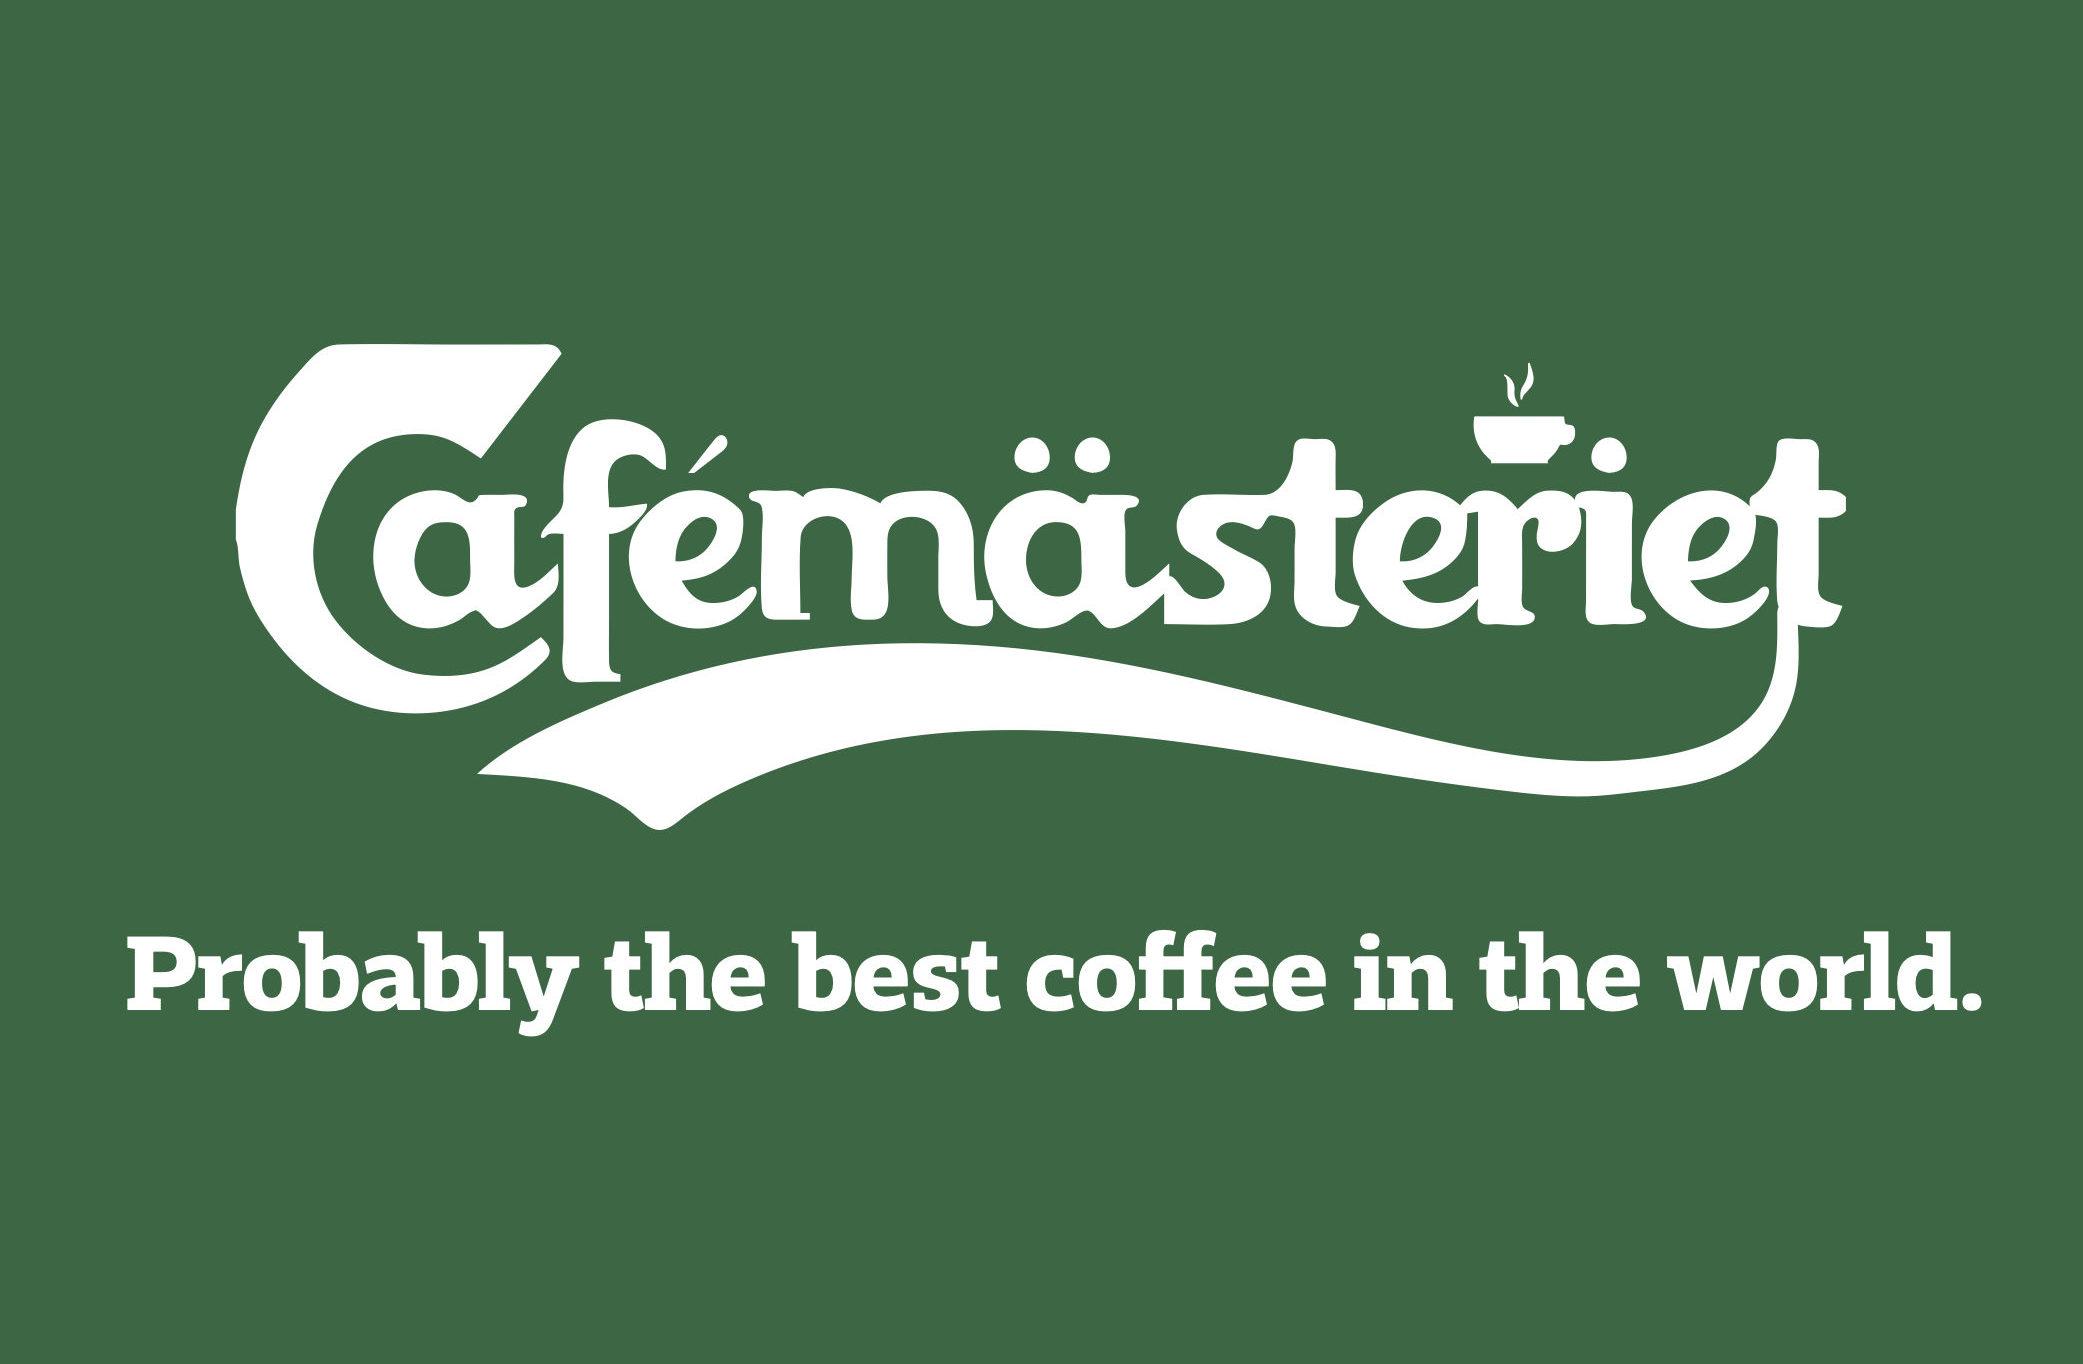 Cafe logga 2020